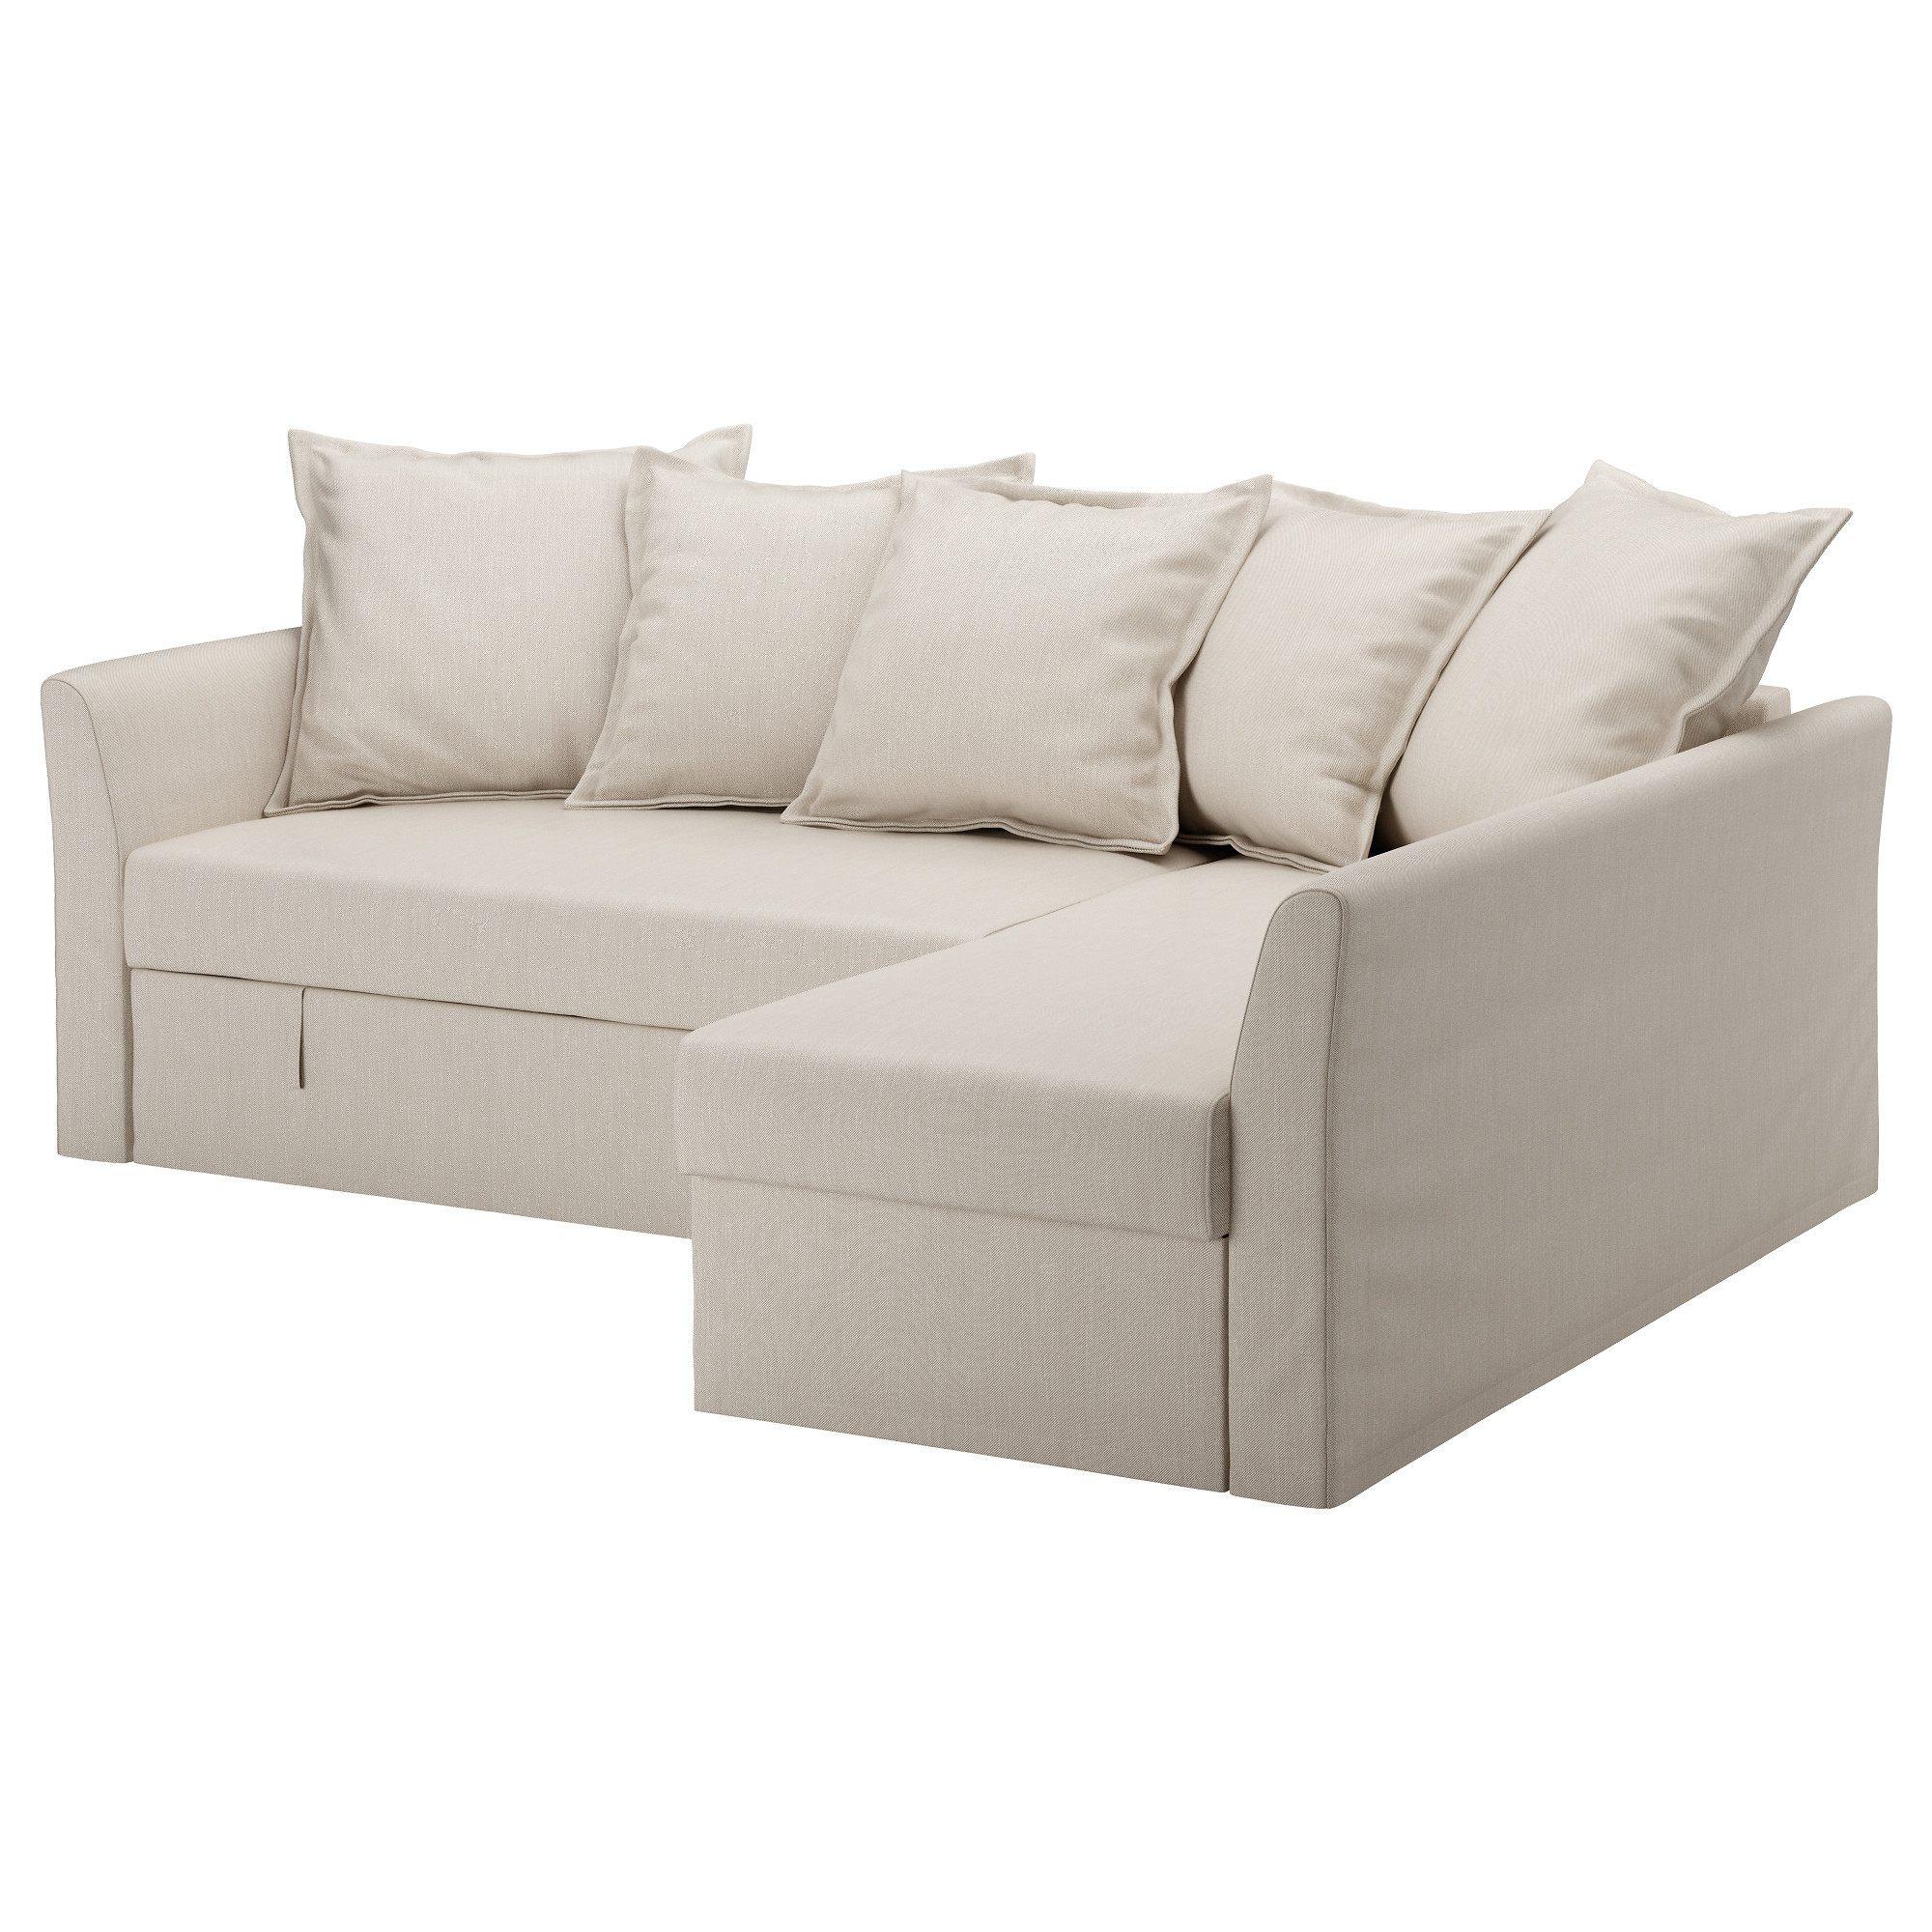 Lit Canapé Ikea Le Luxe Beau Canapé Angle Convertible Beige Et Canape D Angle Lit Lion